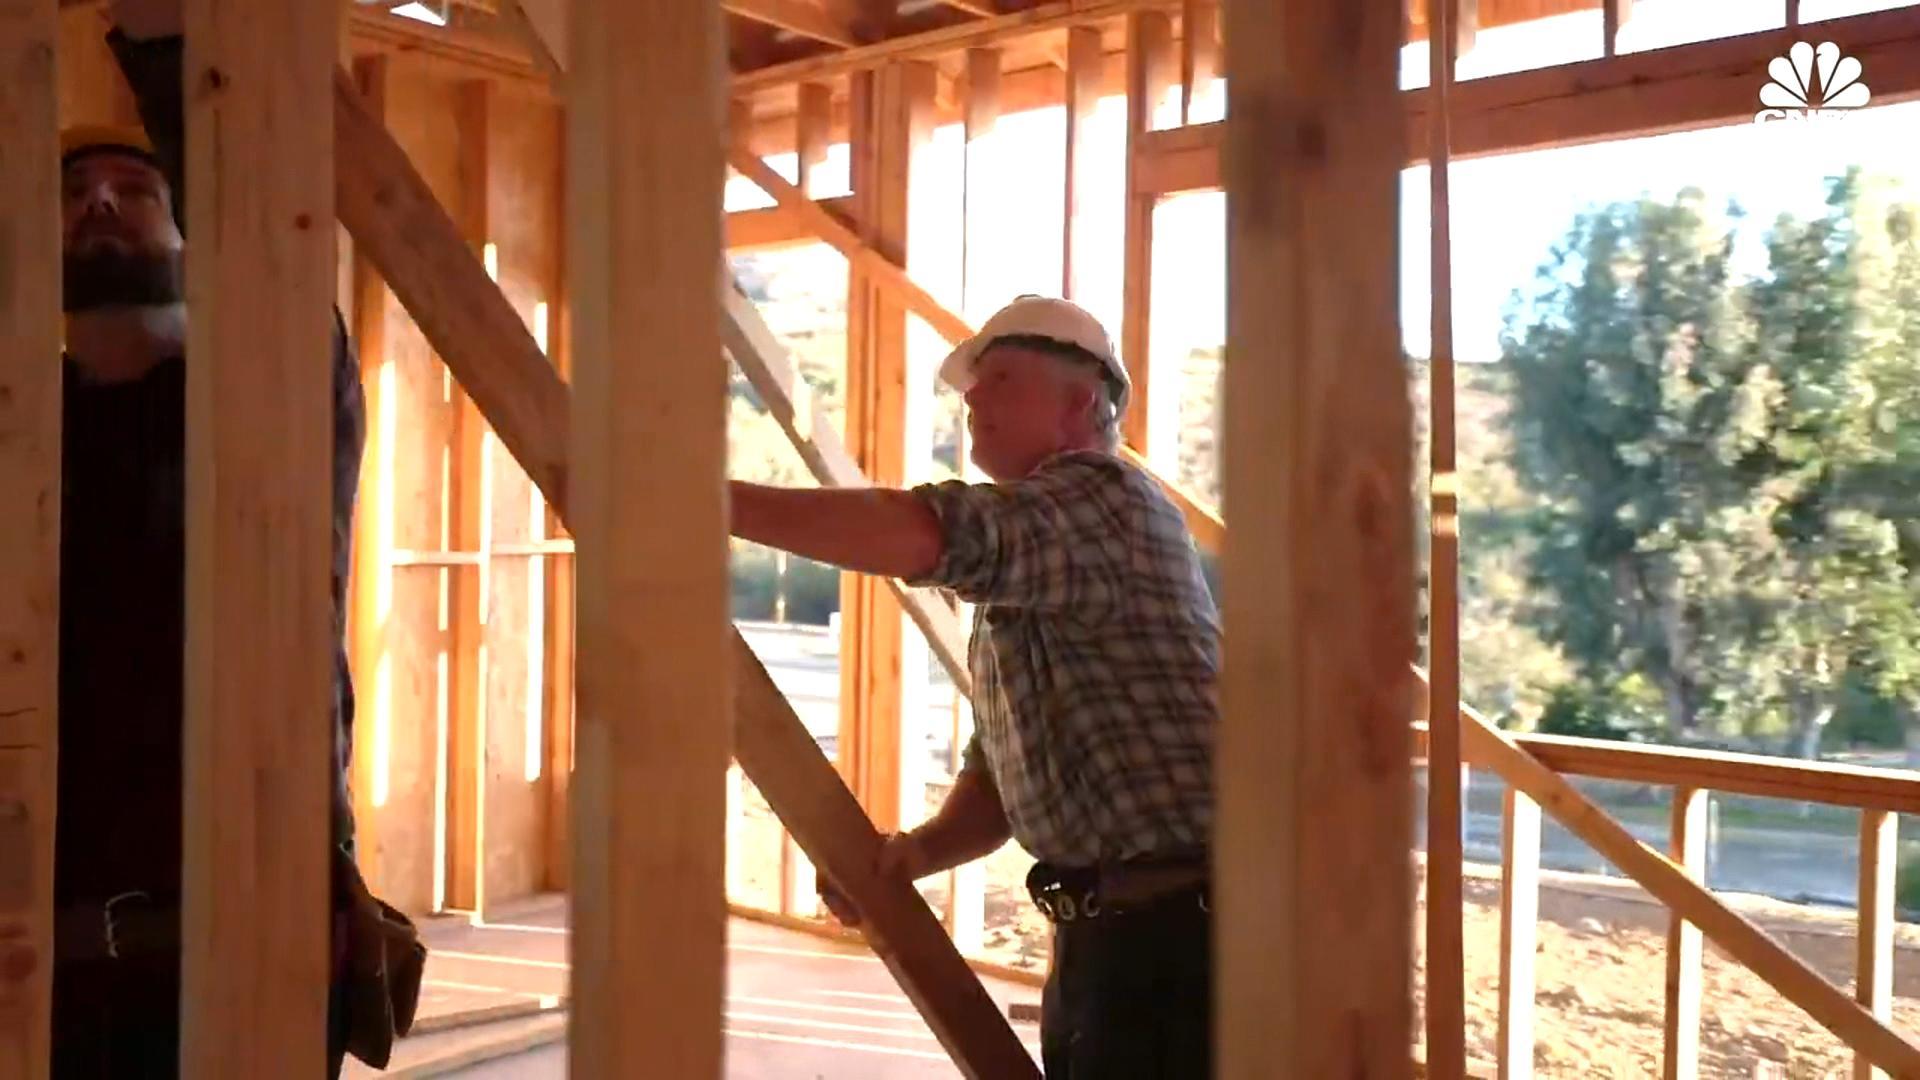 美掀住宅短缺危機 模組式建築成解藥